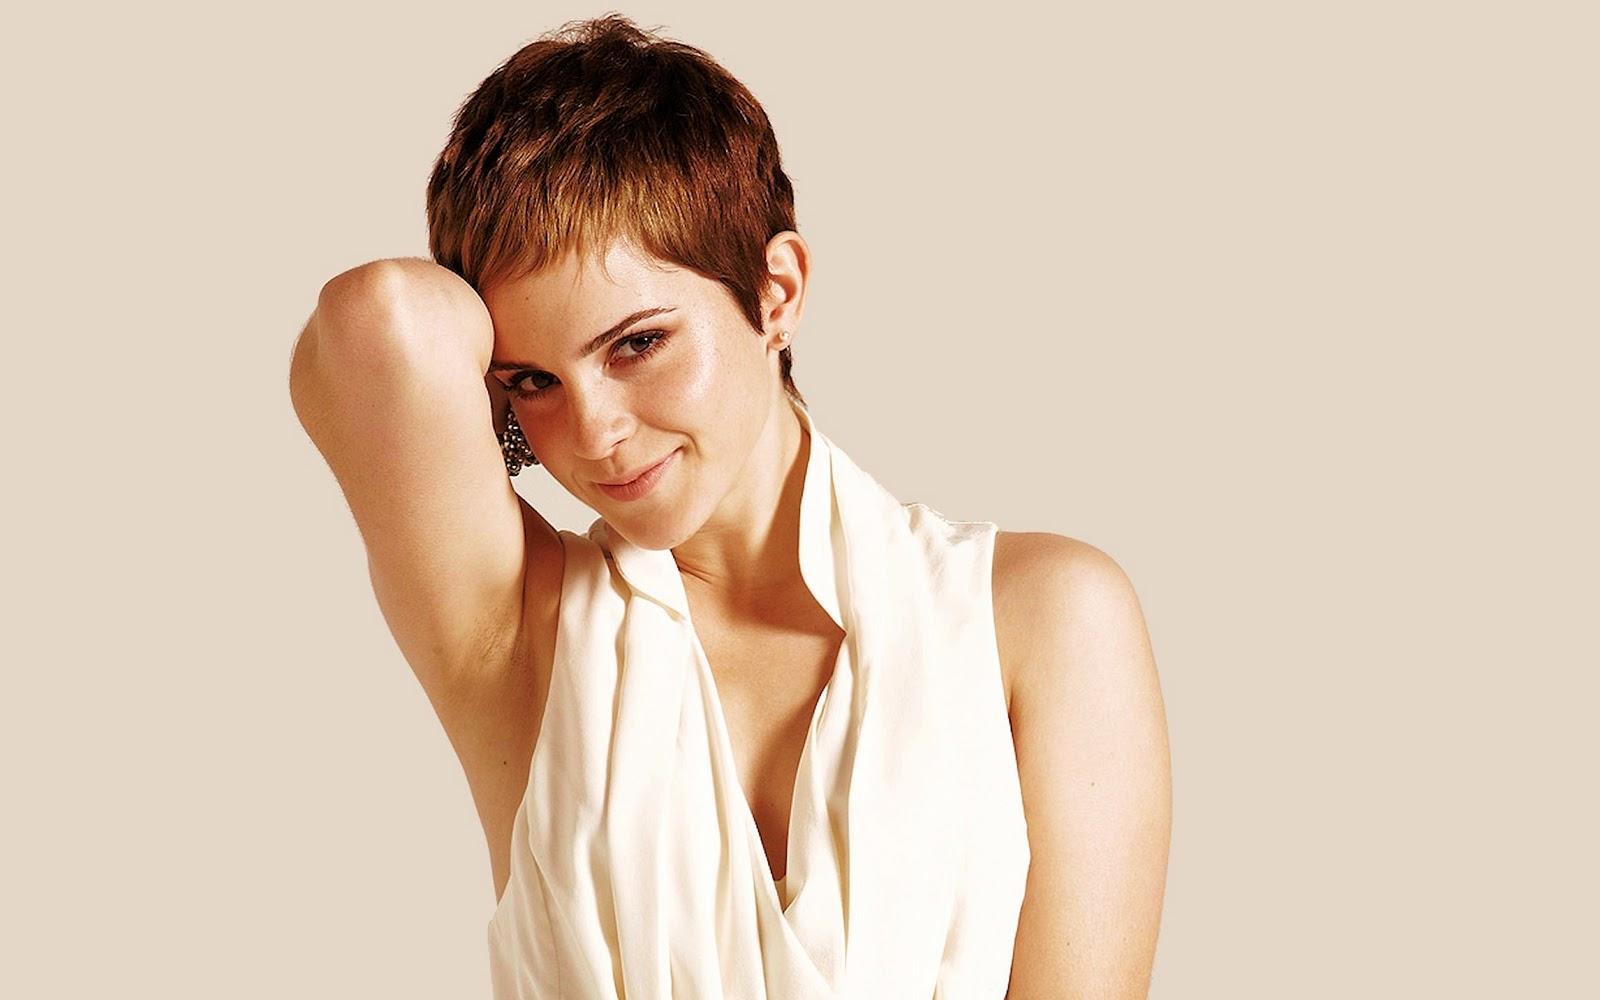 http://1.bp.blogspot.com/-OW74ML8BmWs/Ttp1iO8P6wI/AAAAAAAAE5s/a4VIZm4JKuM/s1600/Emma+Watson-2.jpg